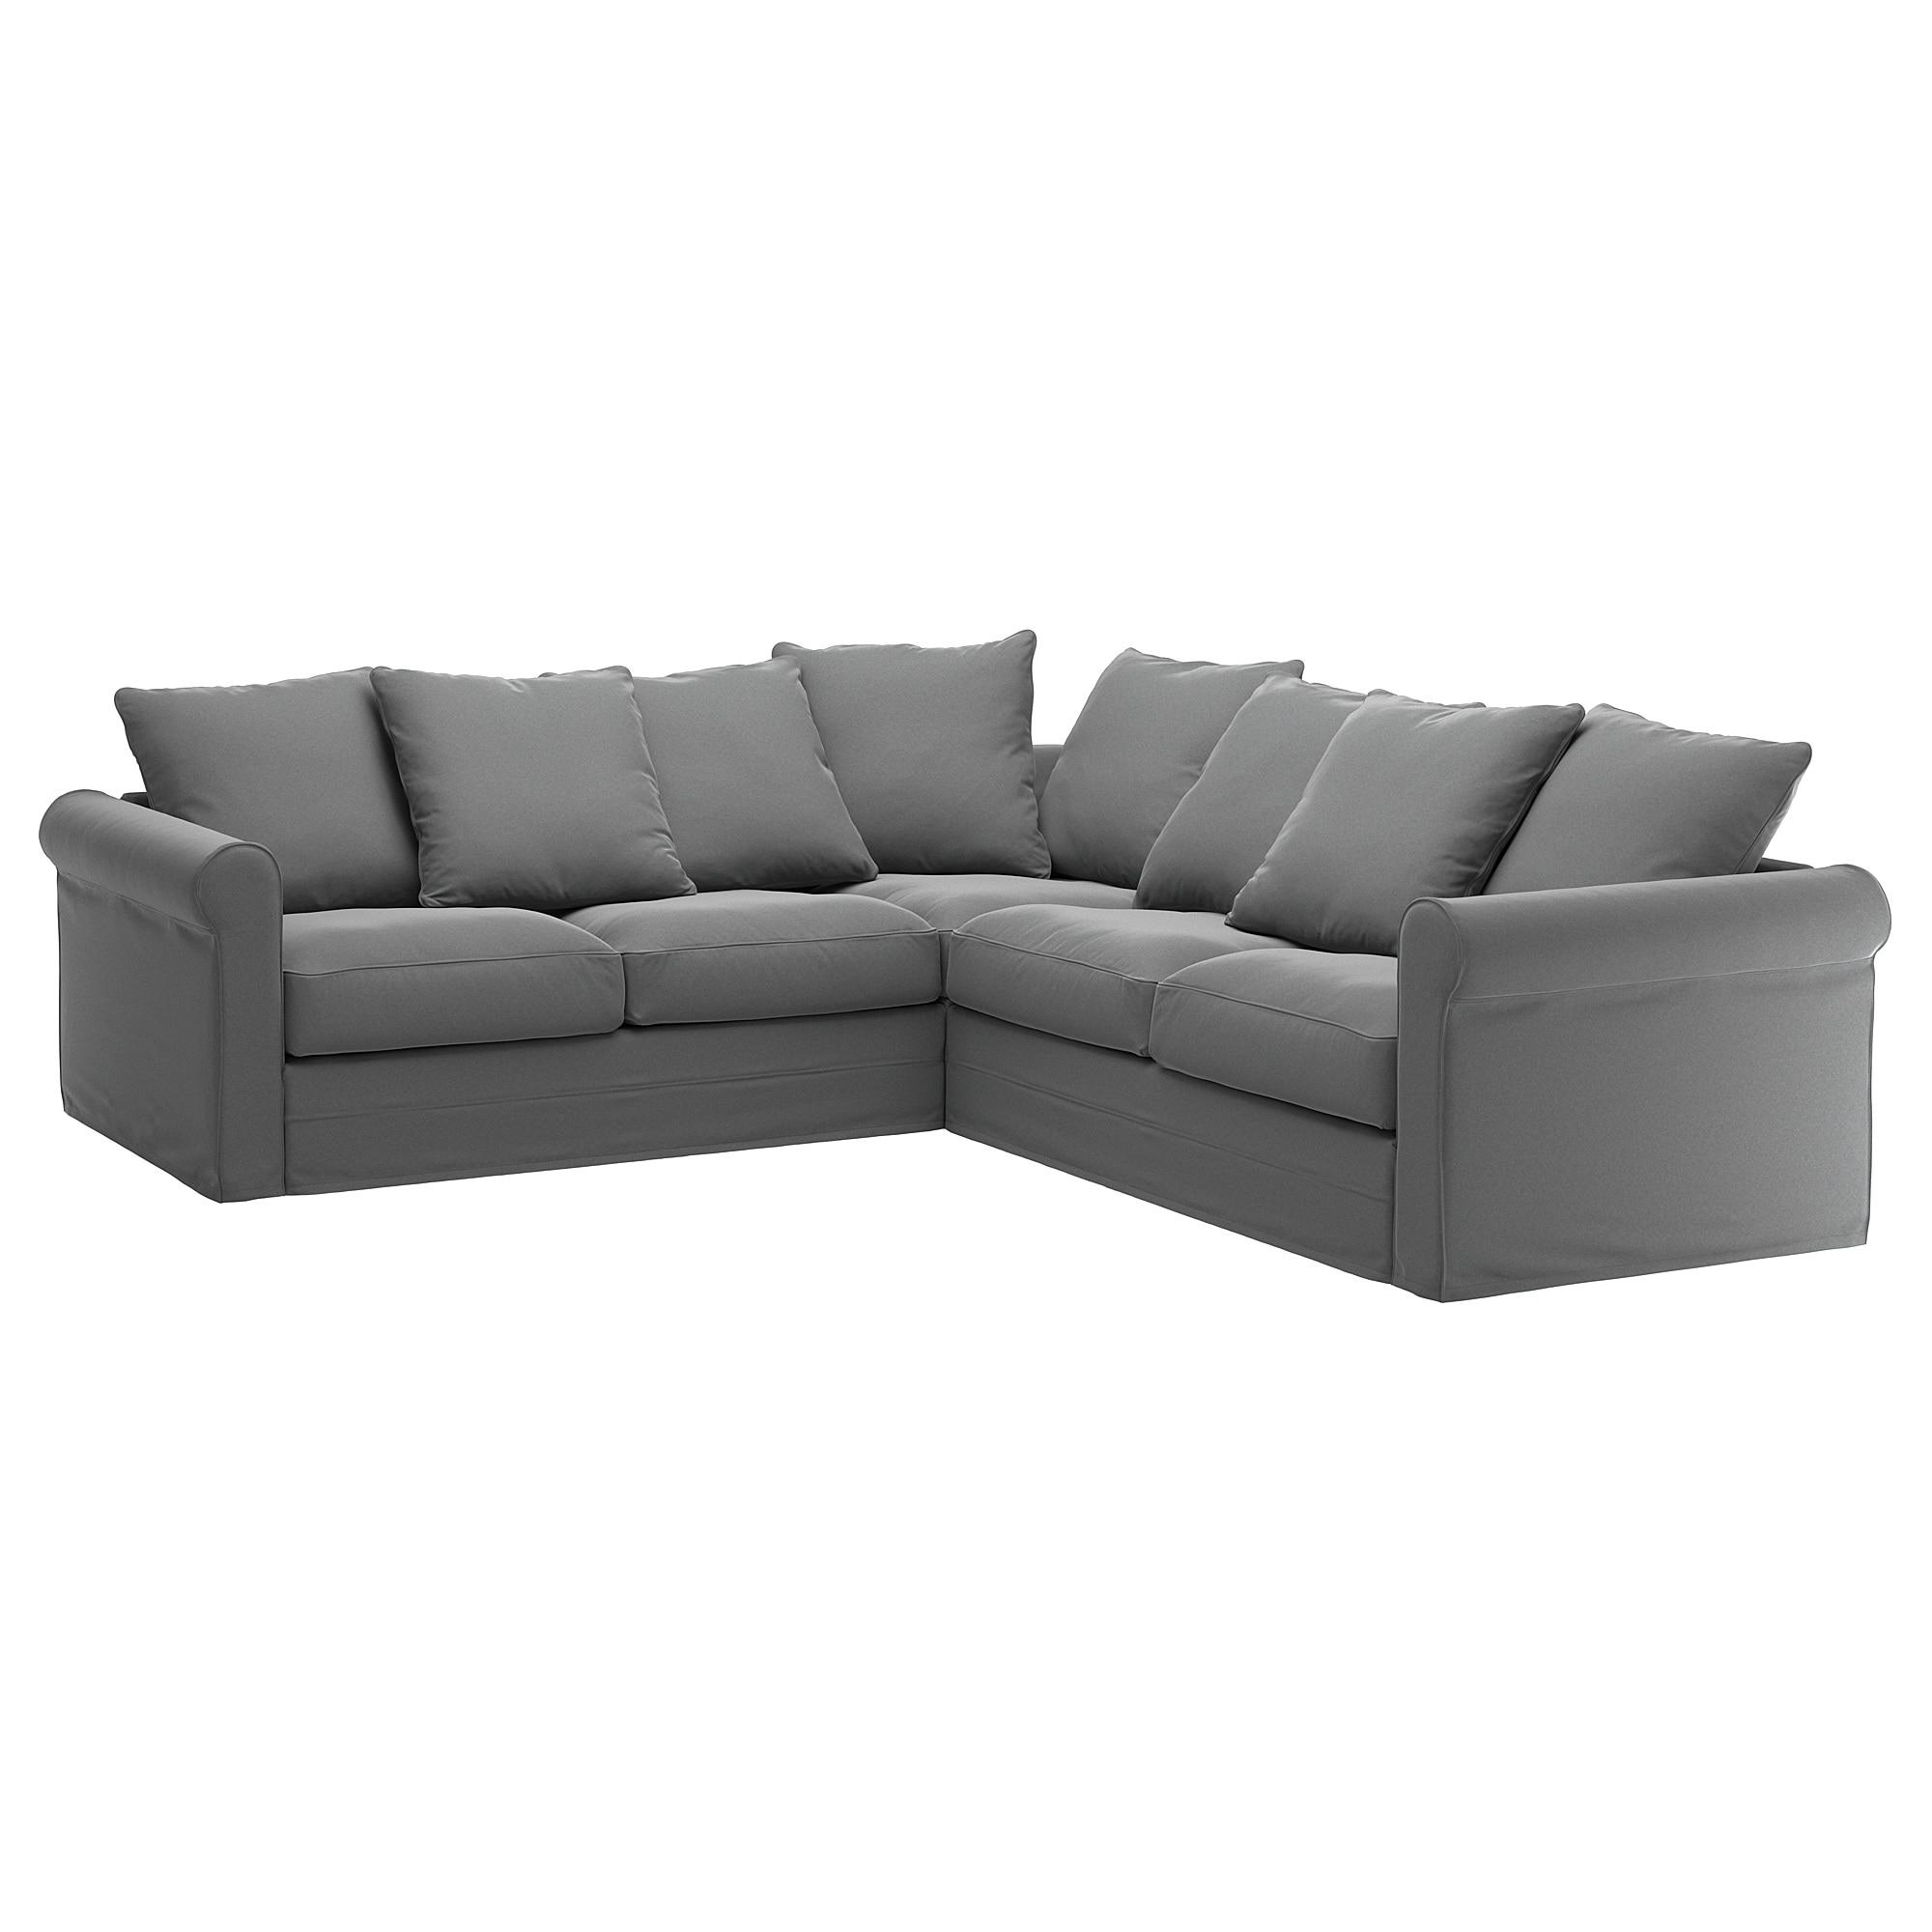 Sofa Esquinero O2d5 Grà Nlid sofà 4 Plazas Esquina Ljungen Gris Ikea